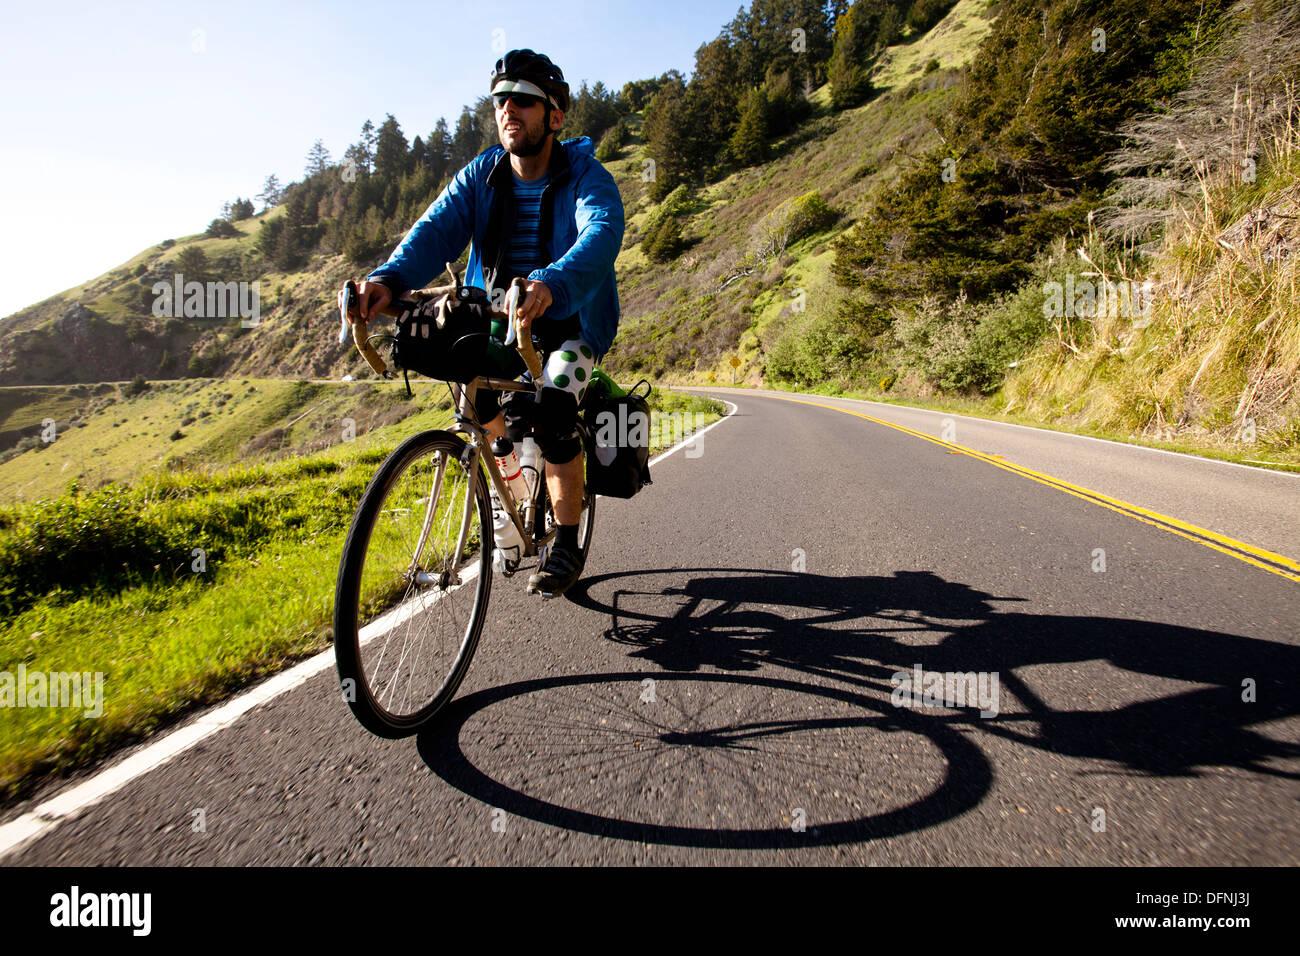 Un maschio ciclista cavalca il suo turismo in bicicletta lungo la Pacific Coast Highway vicino a Jenner, California. Immagini Stock